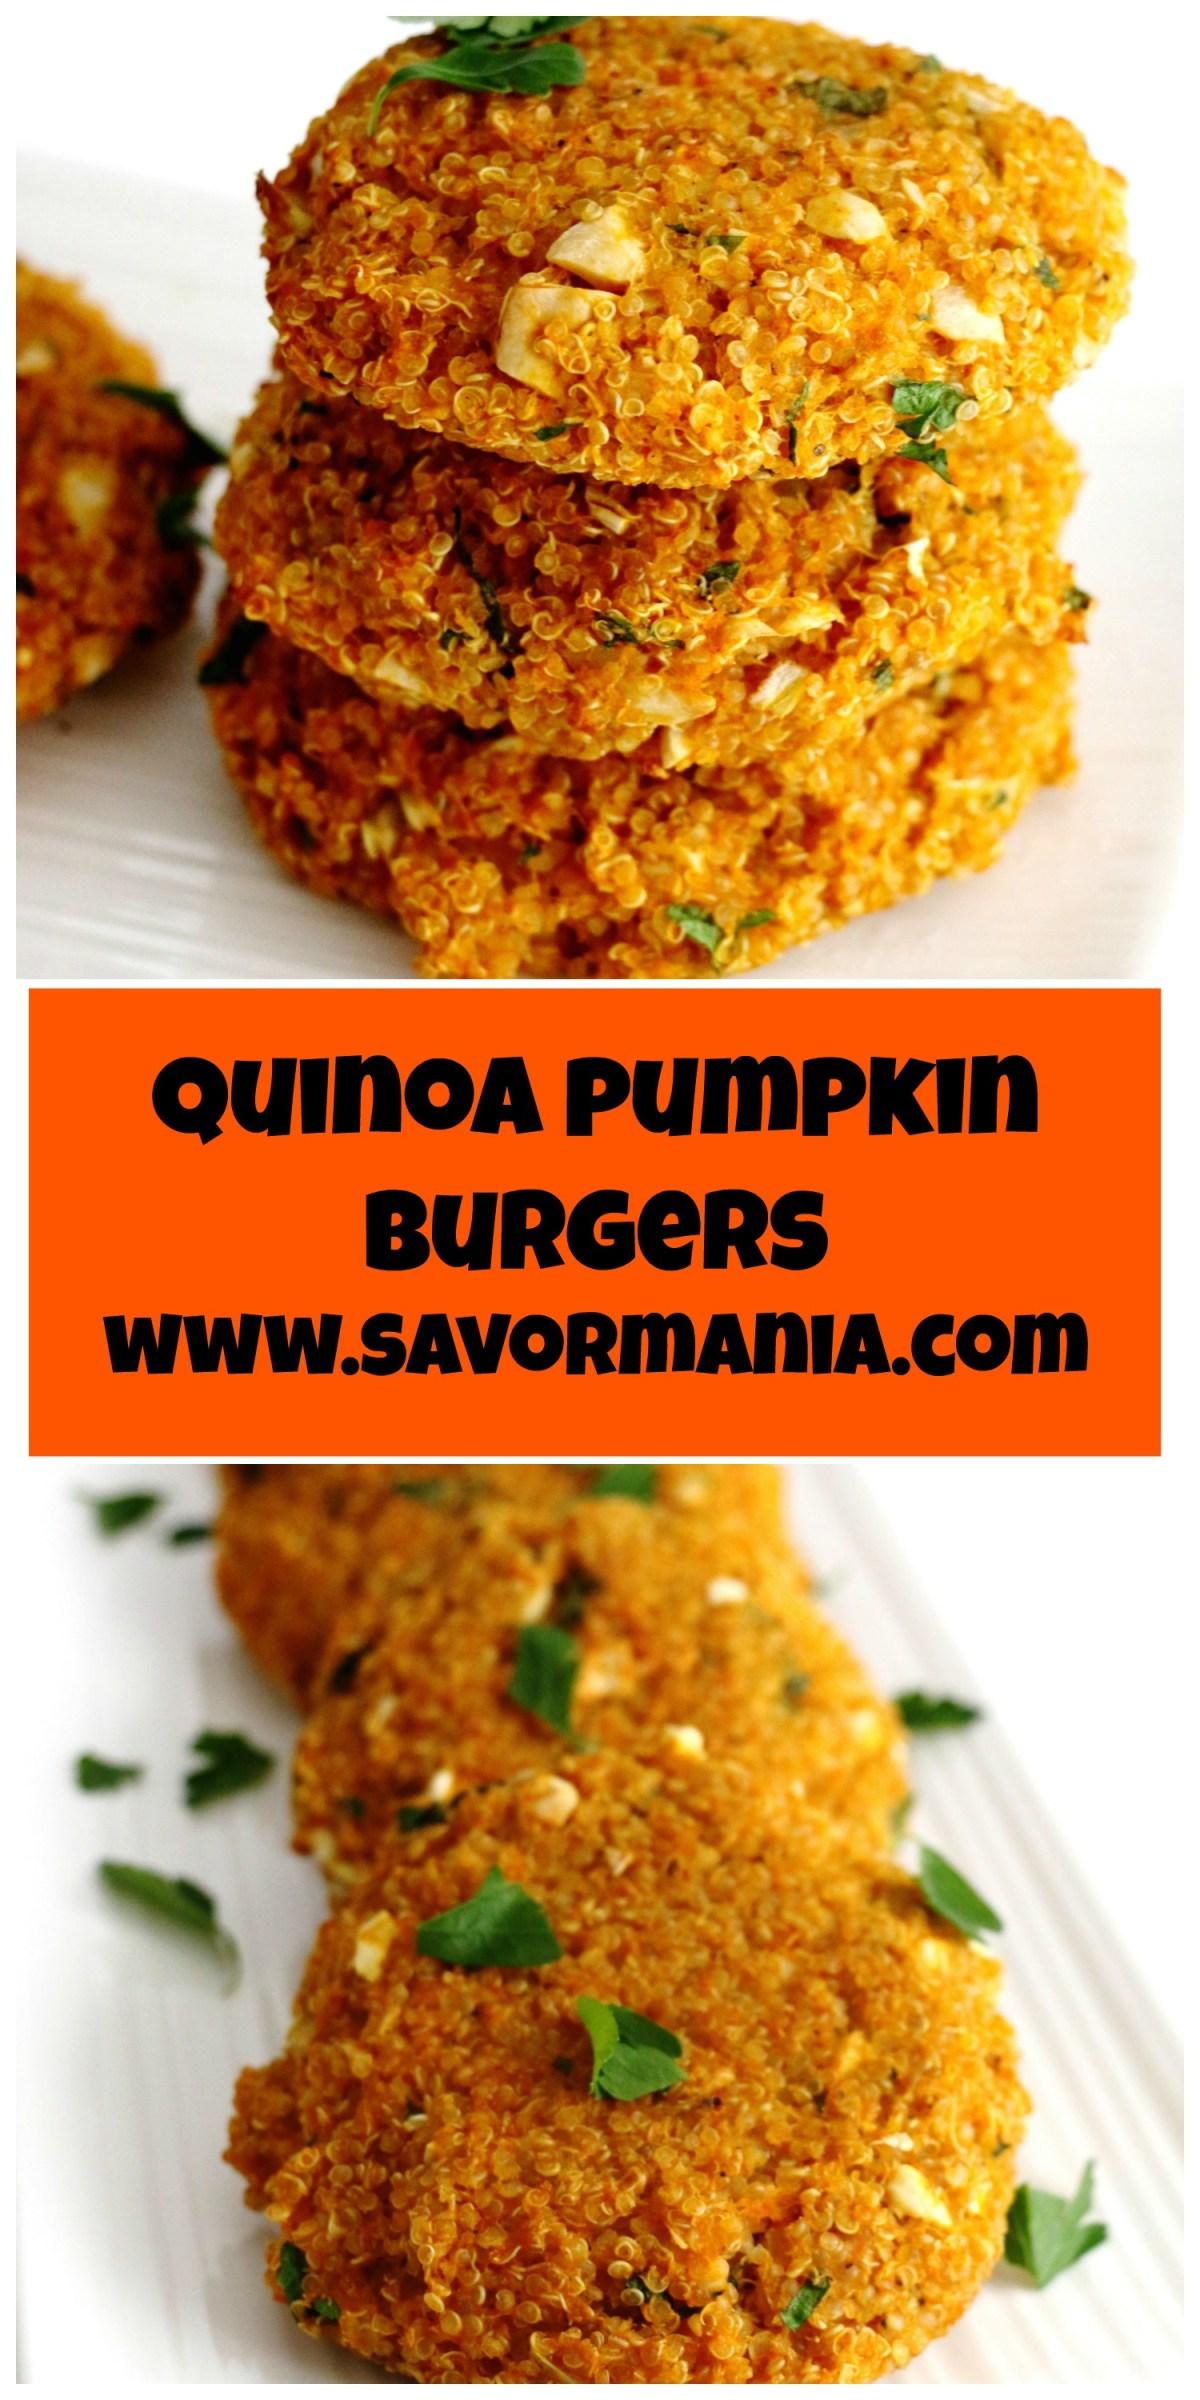 quinoa pumpkin burgers